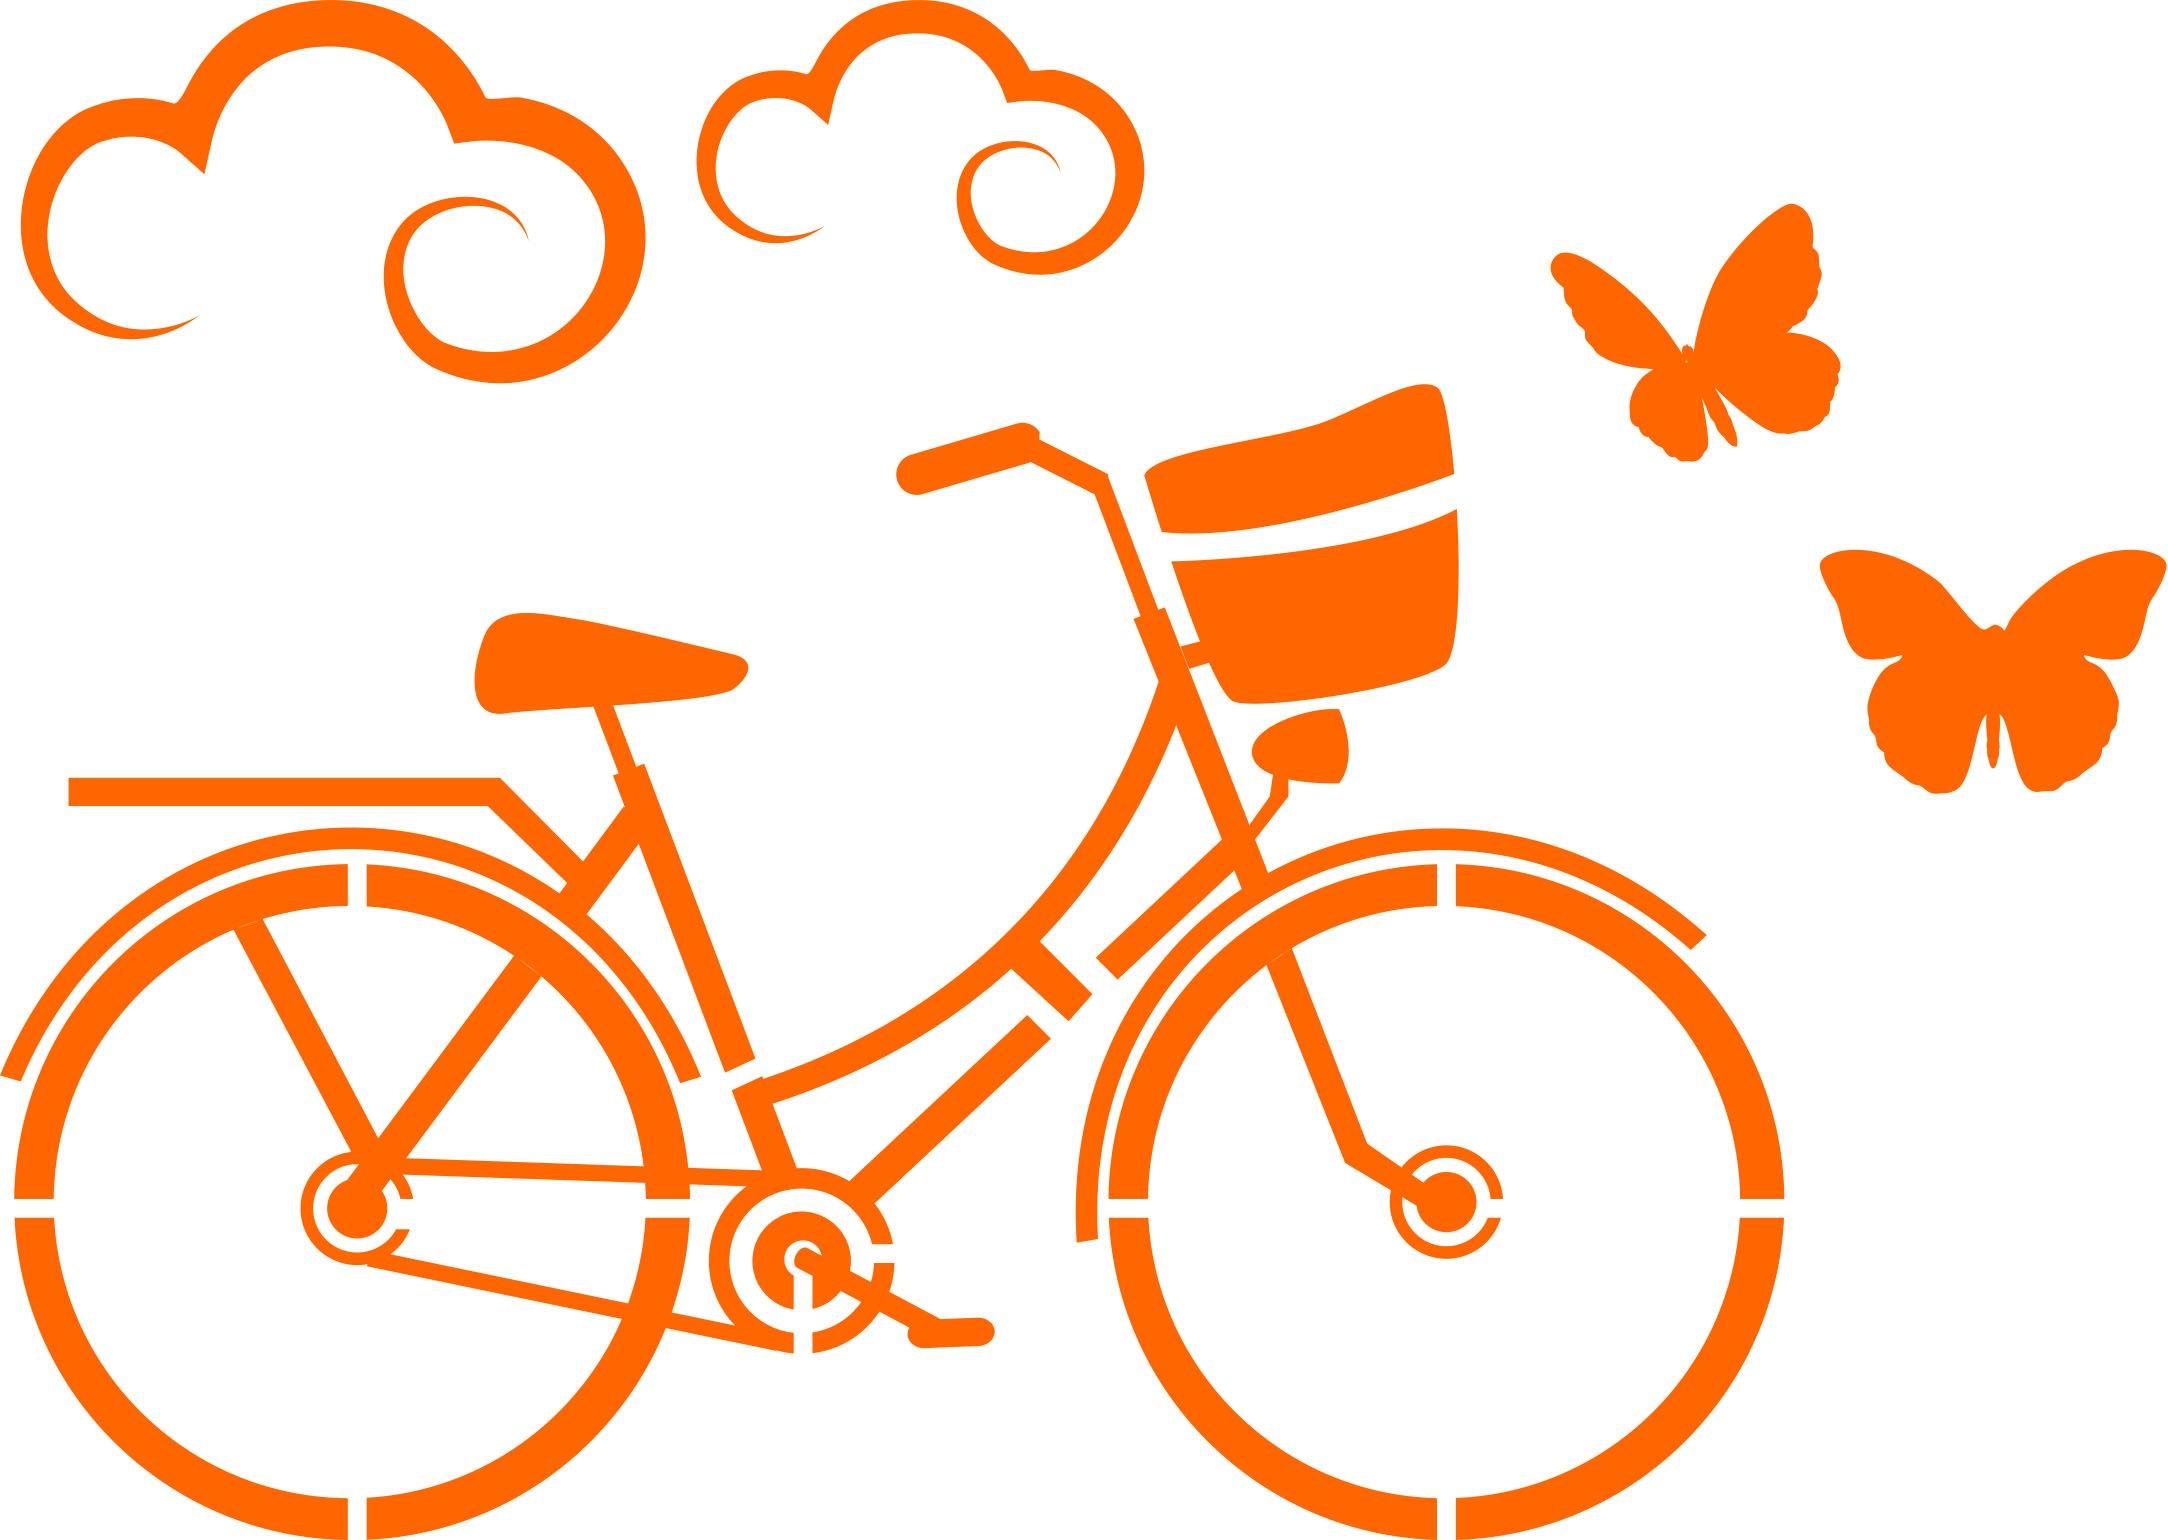 Stencil Plantilla para DIY proyectos, bicicleta diseño a5 148 x 210 mm: Amazon.es: Oficina y papelería